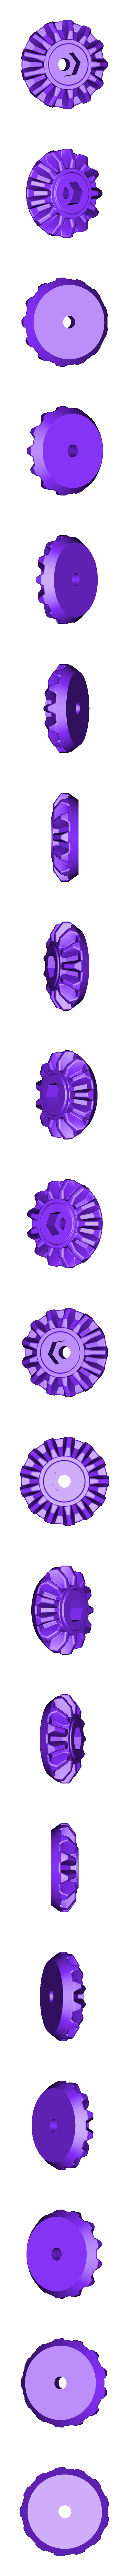 Creality_CR-10S_bed_level_4.stl Télécharger fichier STL gratuit Creality CR-10S Arrêt en Z réglable • Plan à imprimer en 3D, ZepTo